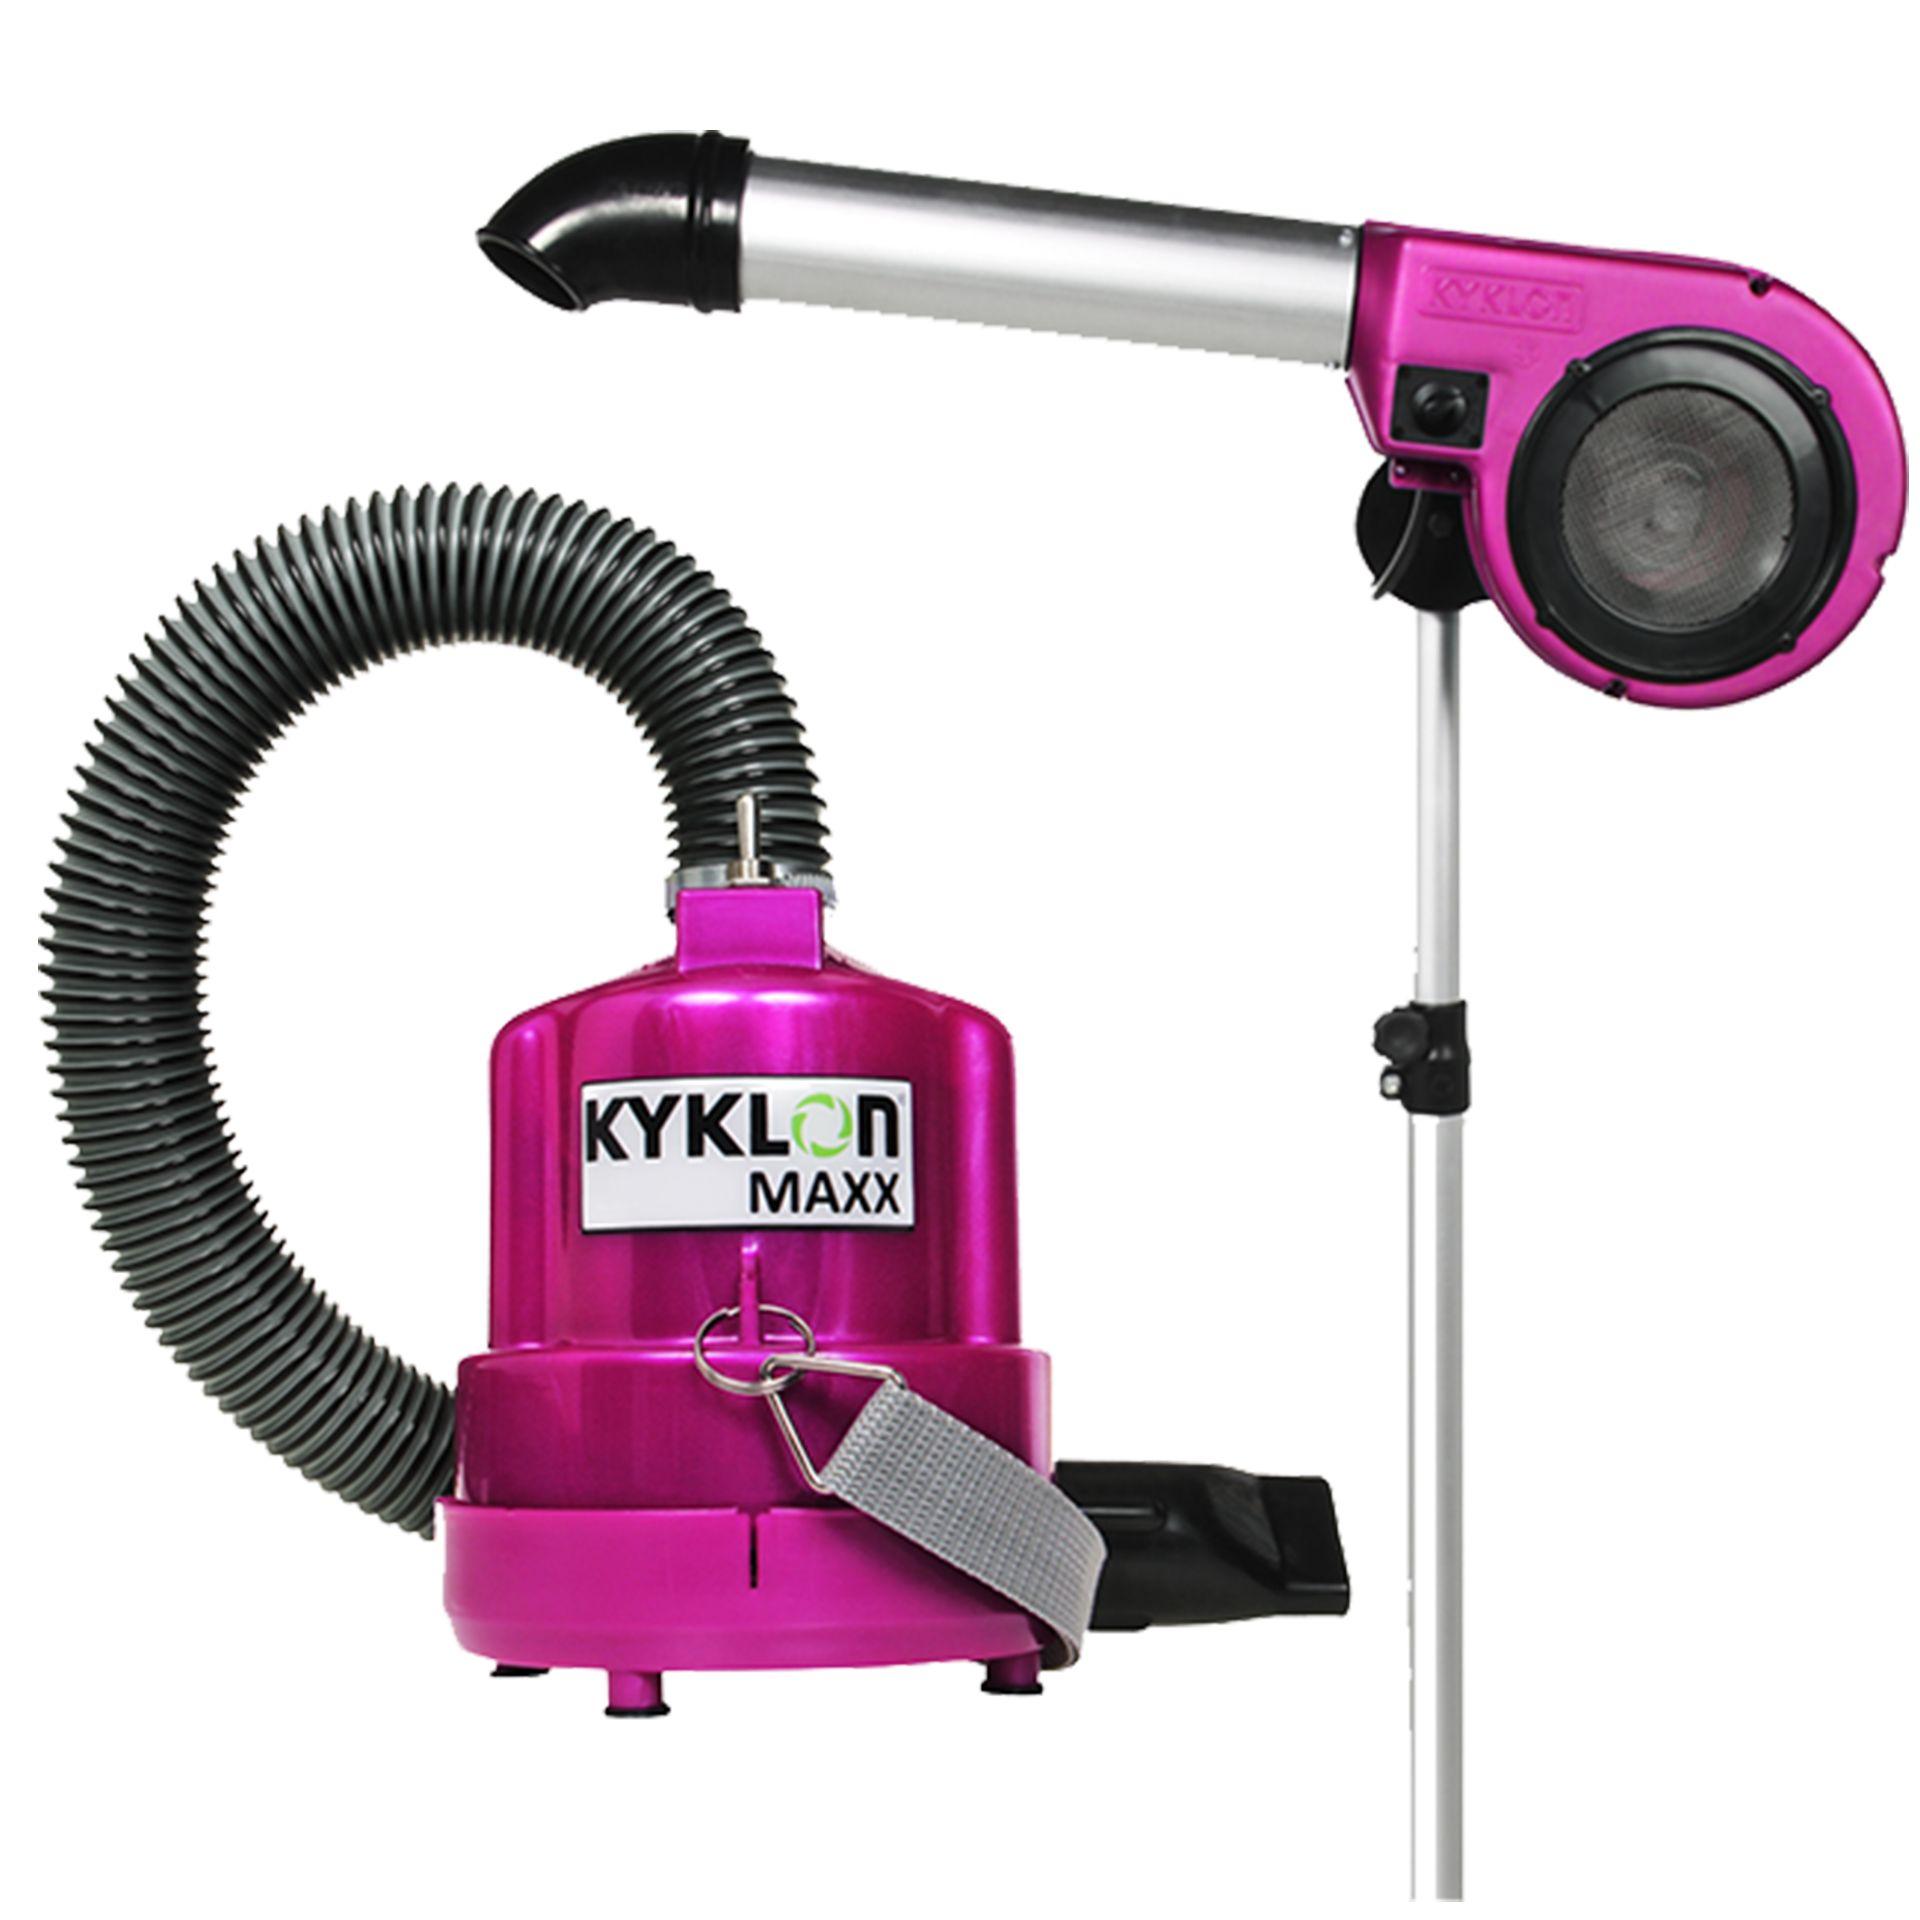 Secador de Pedestal Kyklon 5000 Pink + Soprador Maxx Pink - Combo